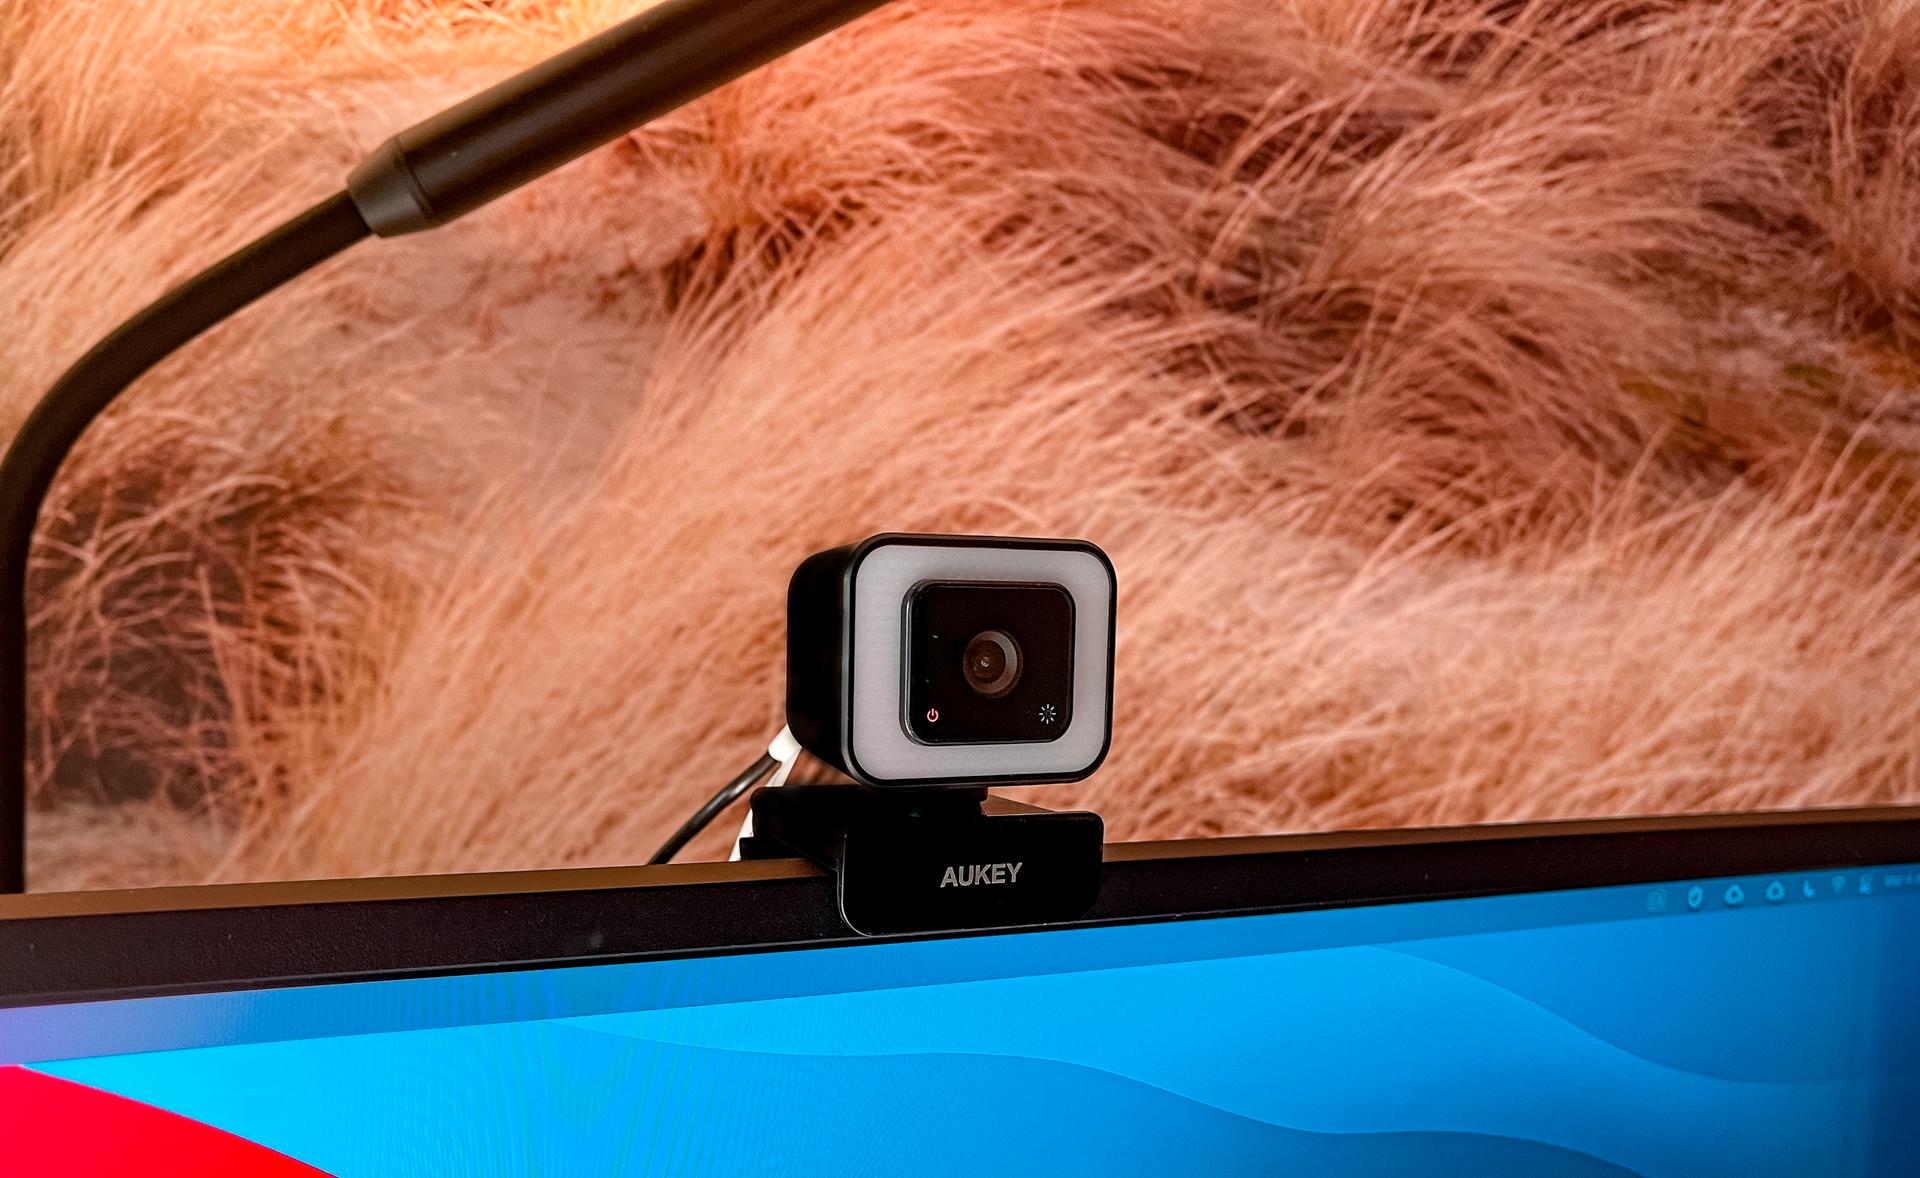 Webcam per iniziare con i live-streaming …